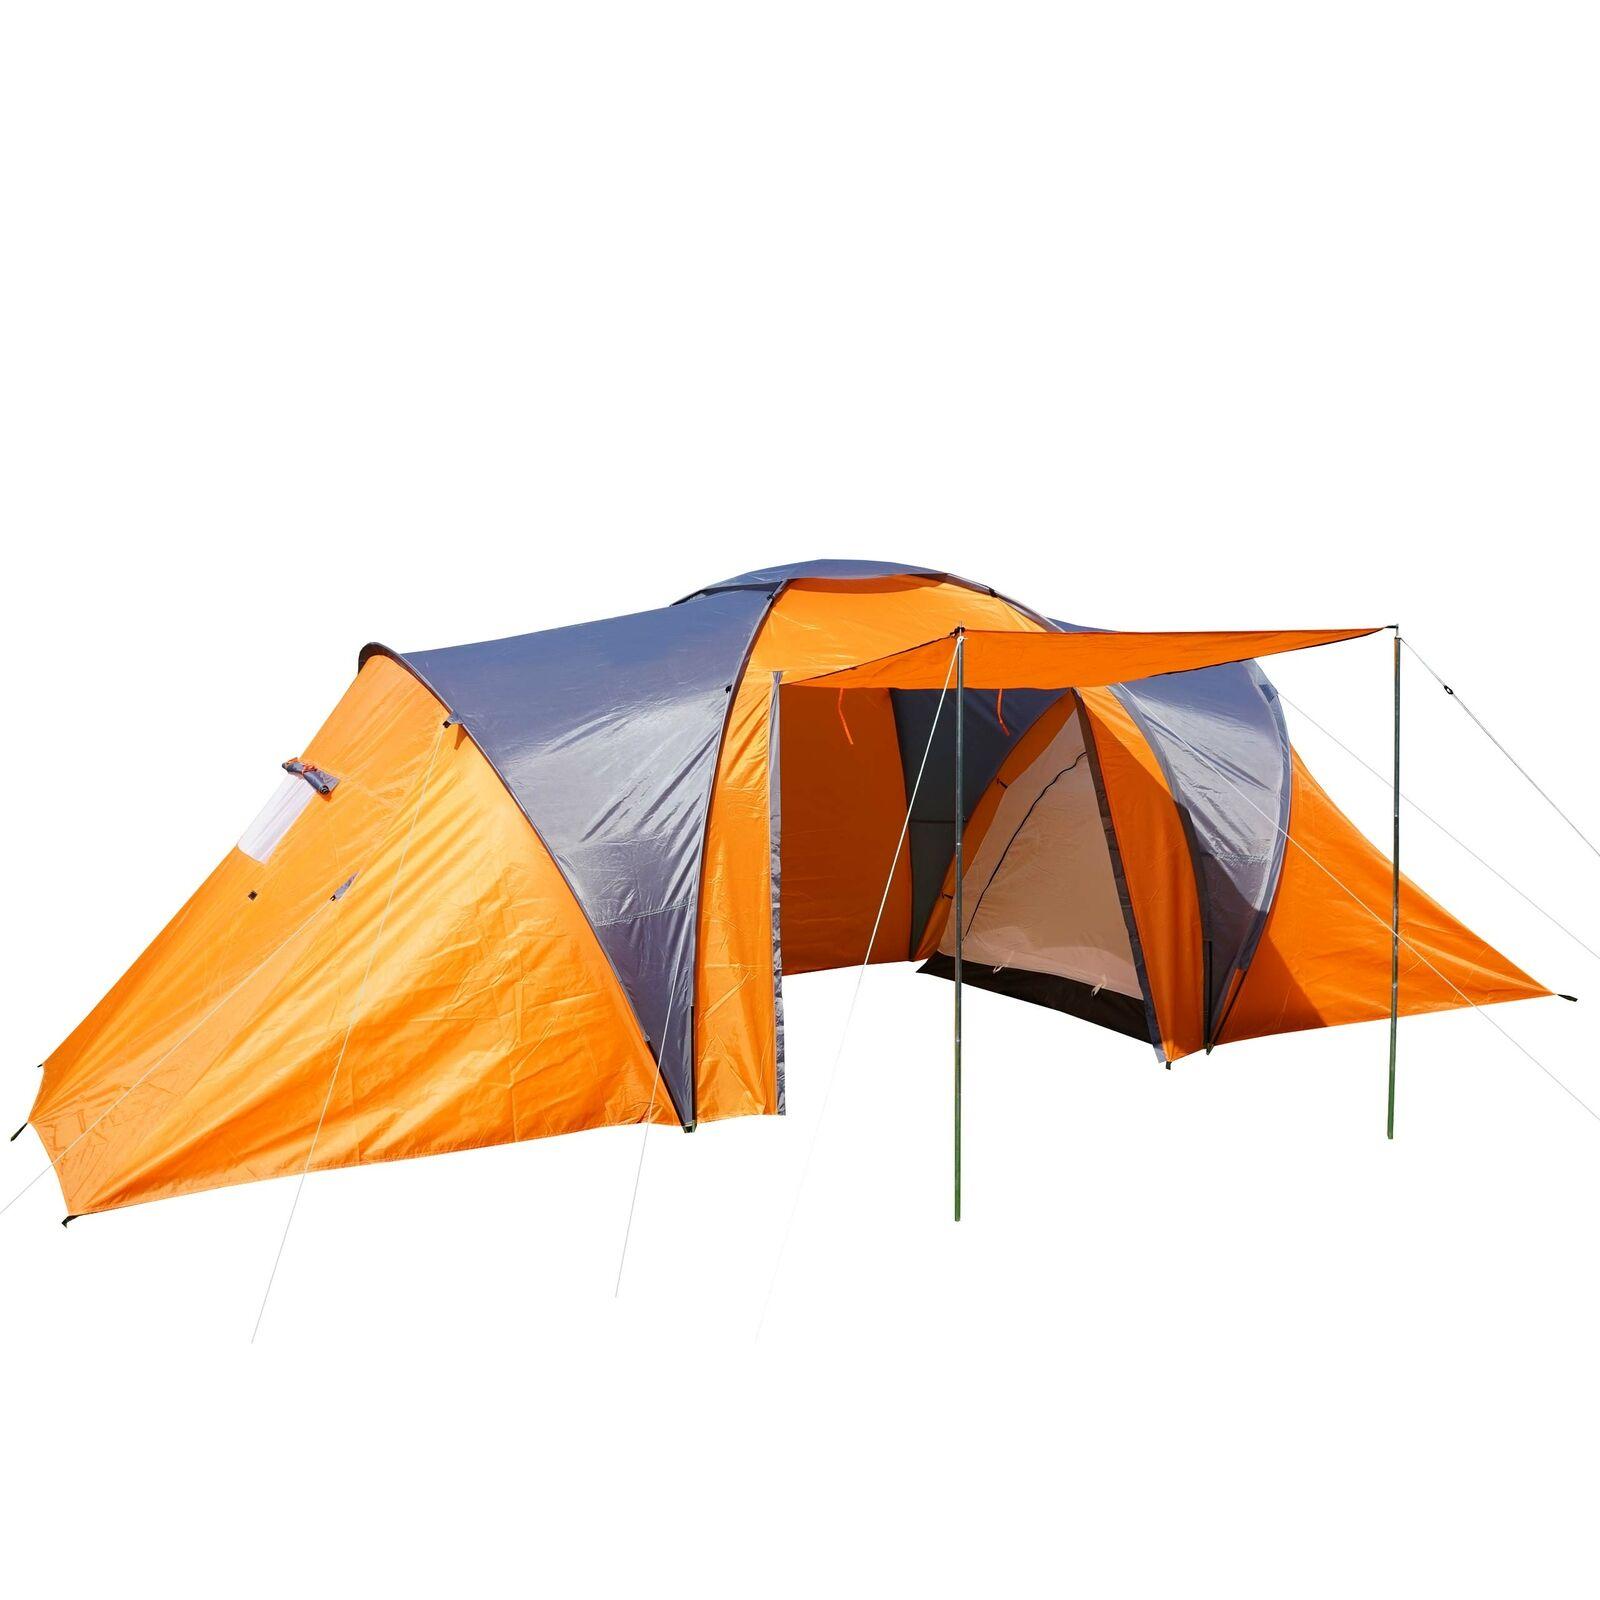 Campingzelt Laagri, 6-Mann Kuppelzelt Igluzelt Festival-Zelt, 6 Personen orange